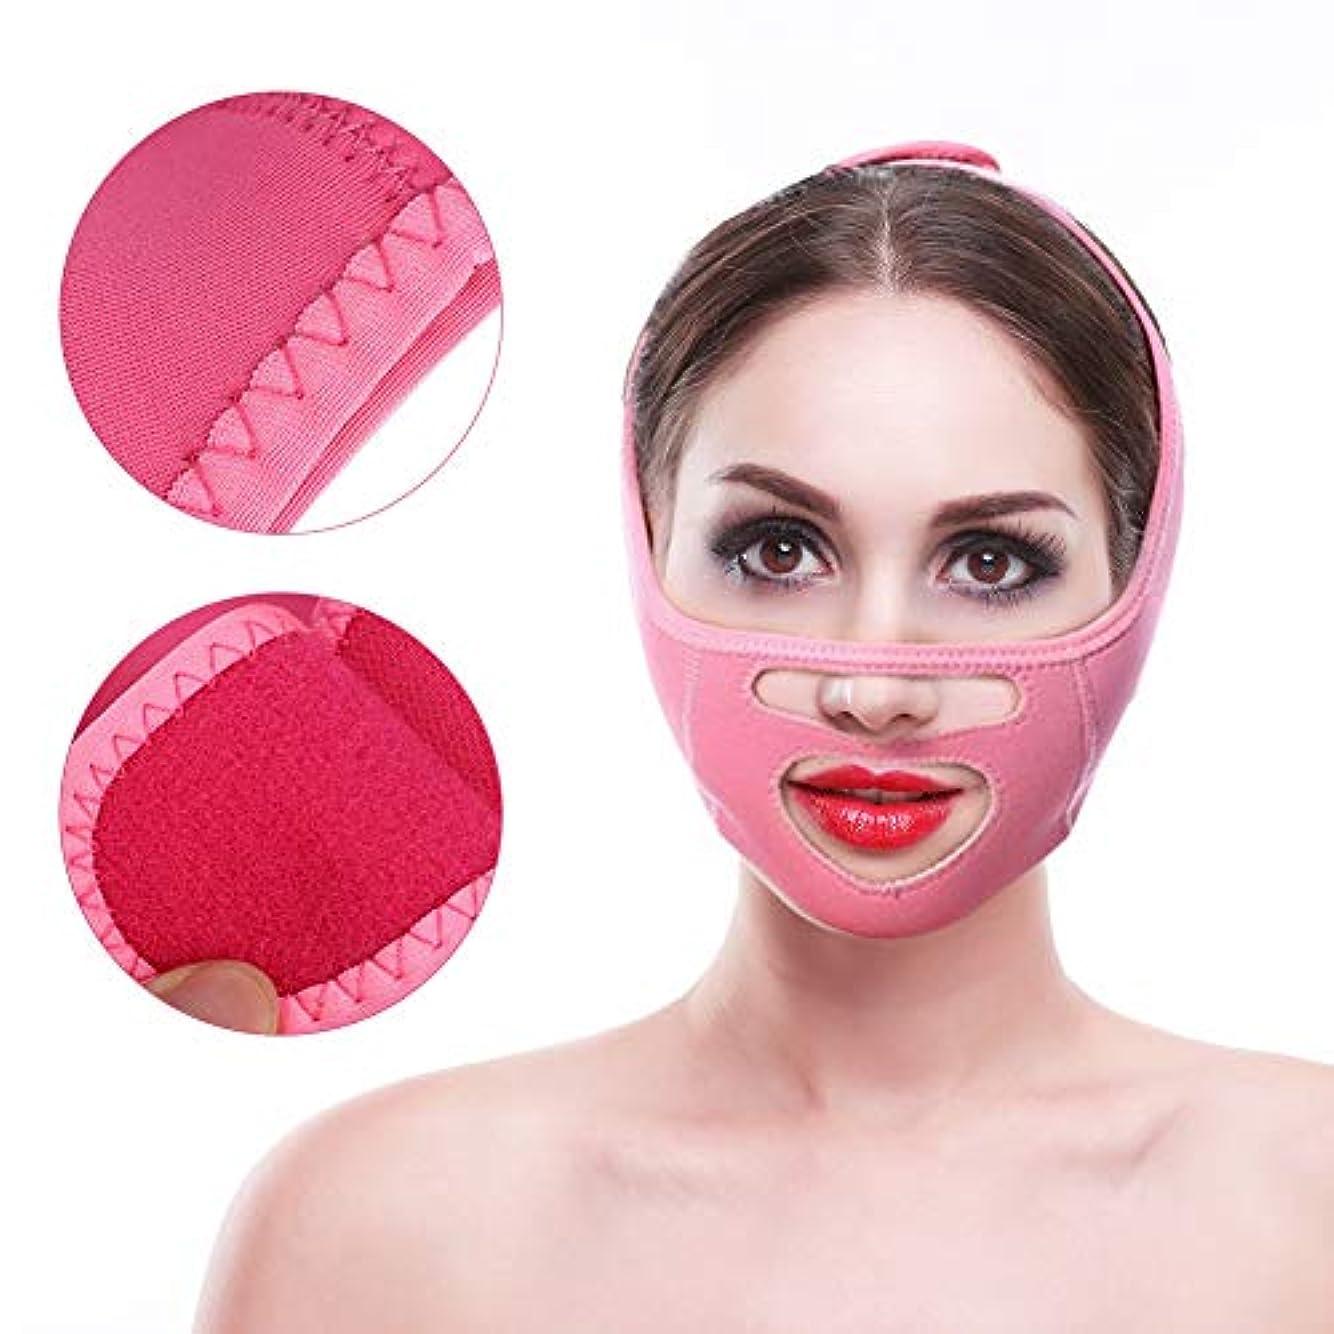 スクラッチ透明に臨検顔の持ち上がる整形ベルト、効果的に顔の形を改善し、顔と首の二重あごに肌を引き締め包帯を減らす